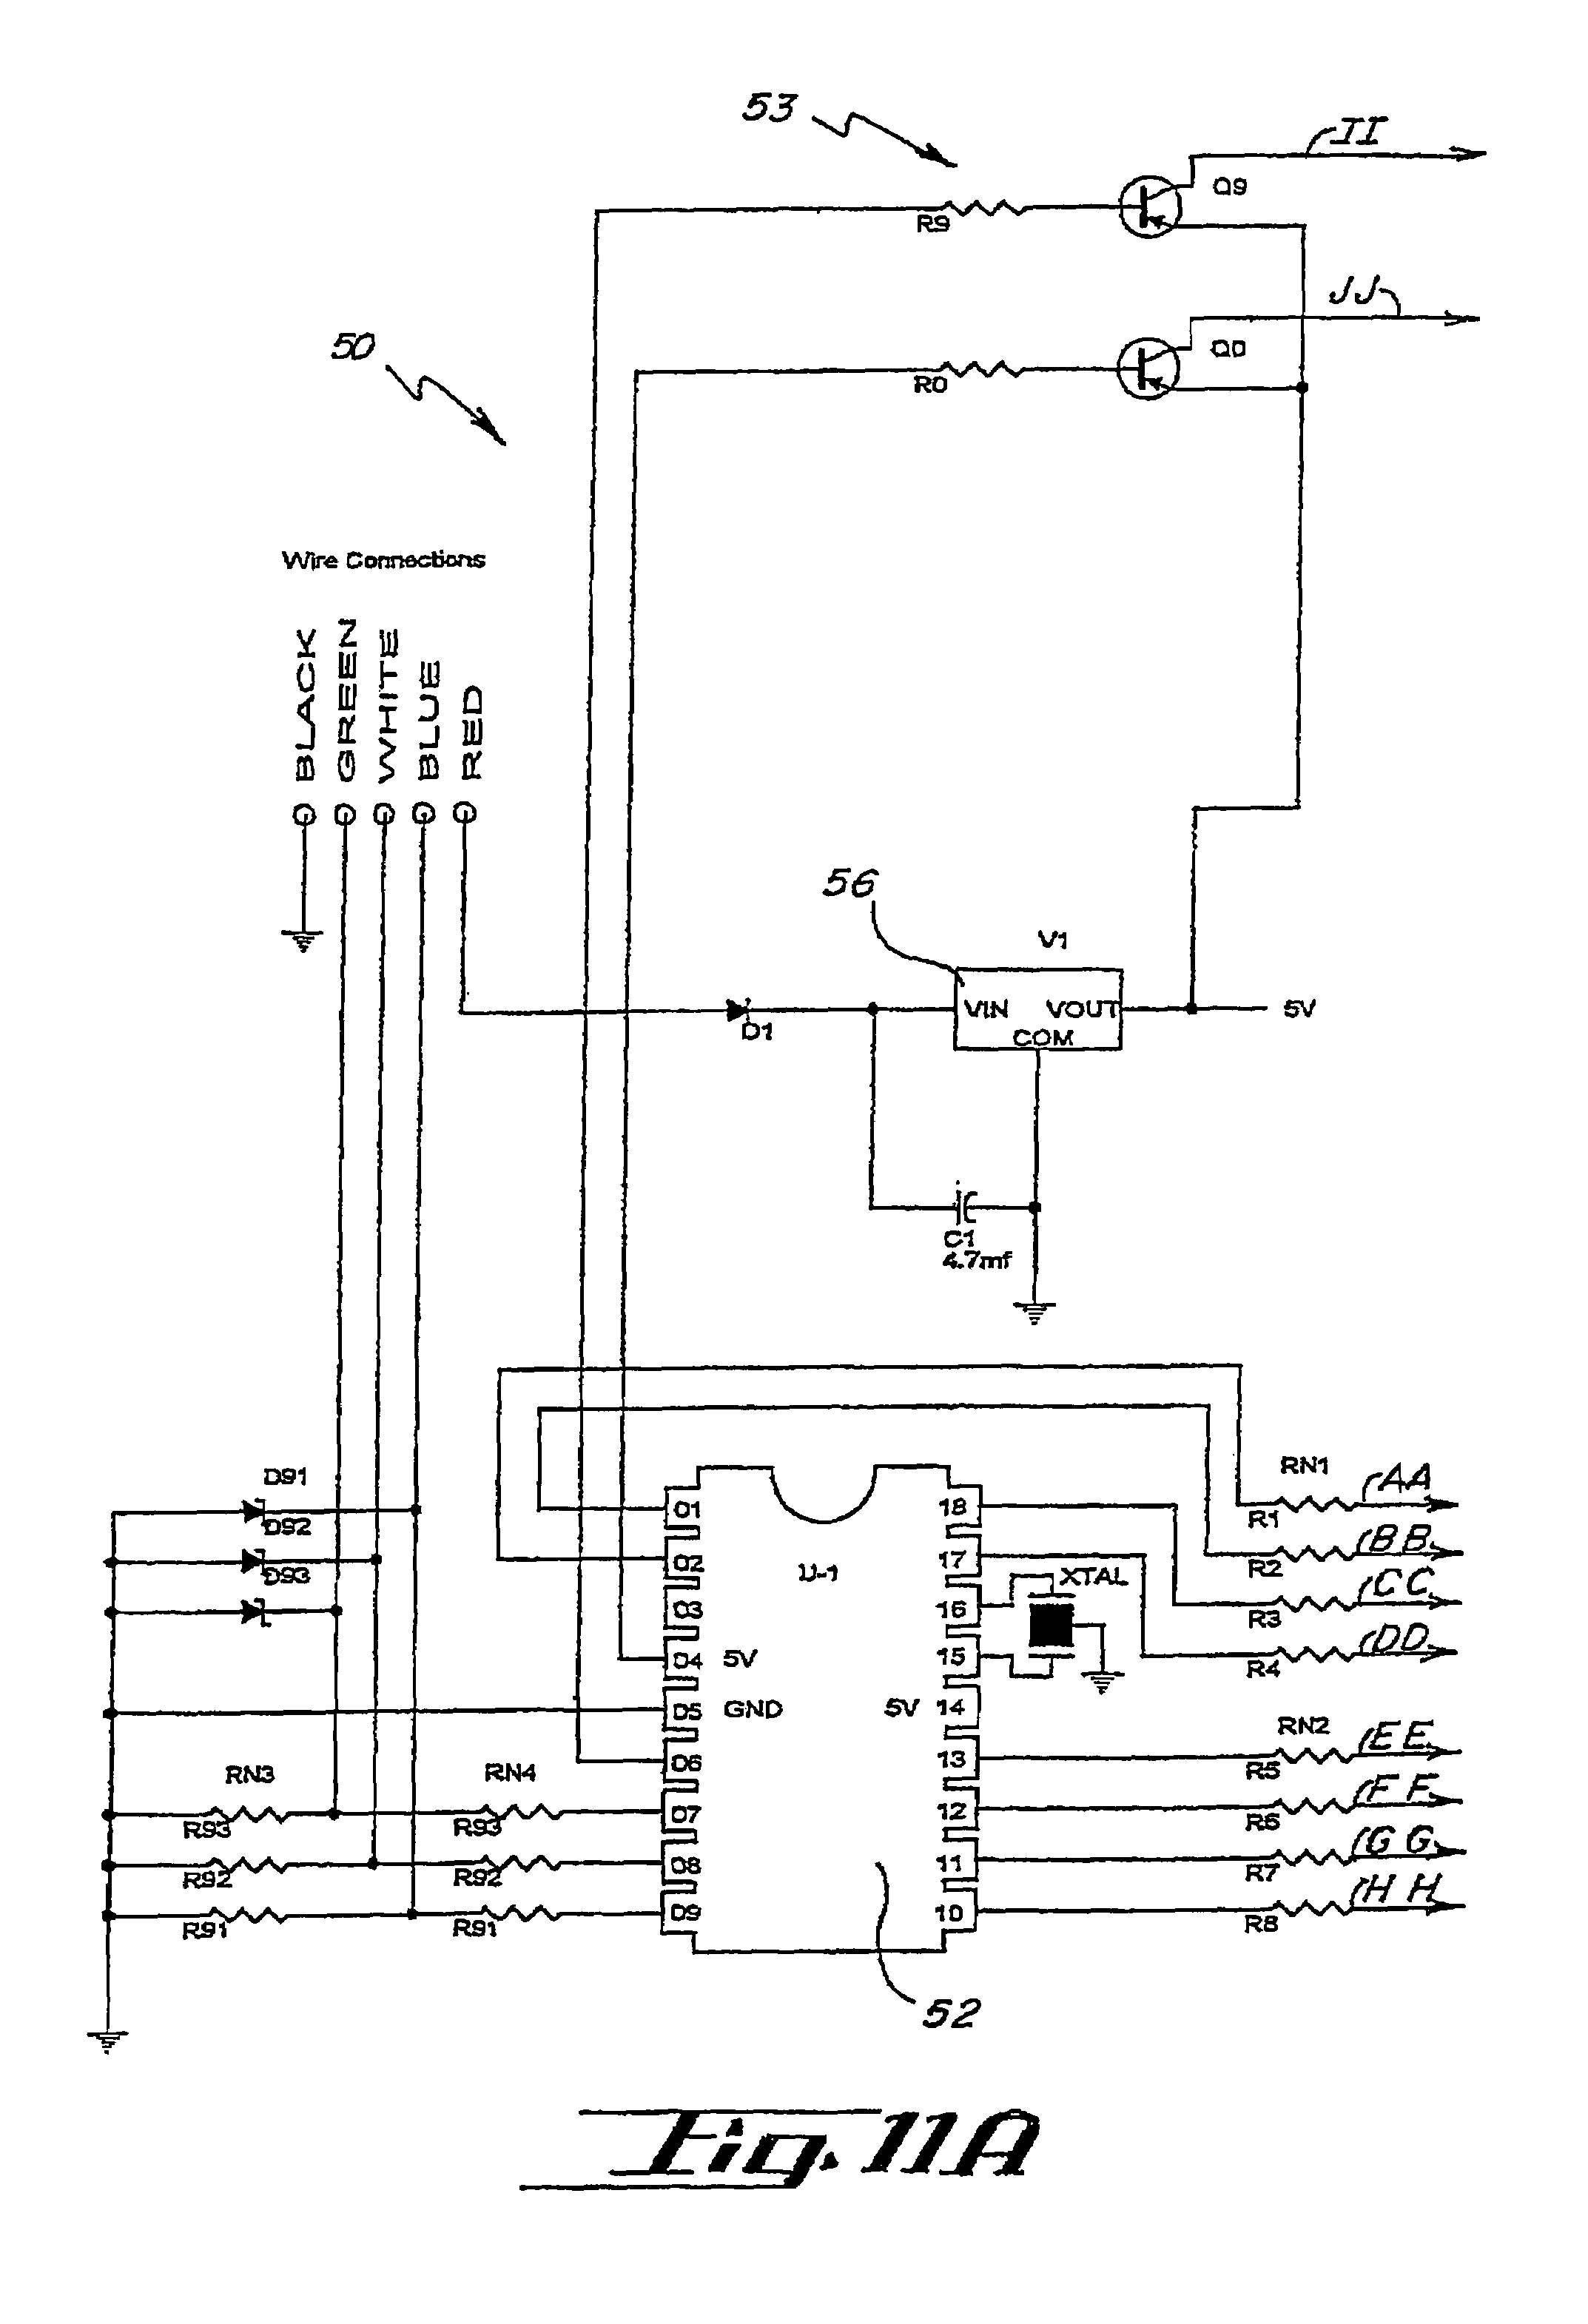 911ep light bar wiring diagram wiring diagram centre  elite light bar 911ep galaxy wiring diagram #4